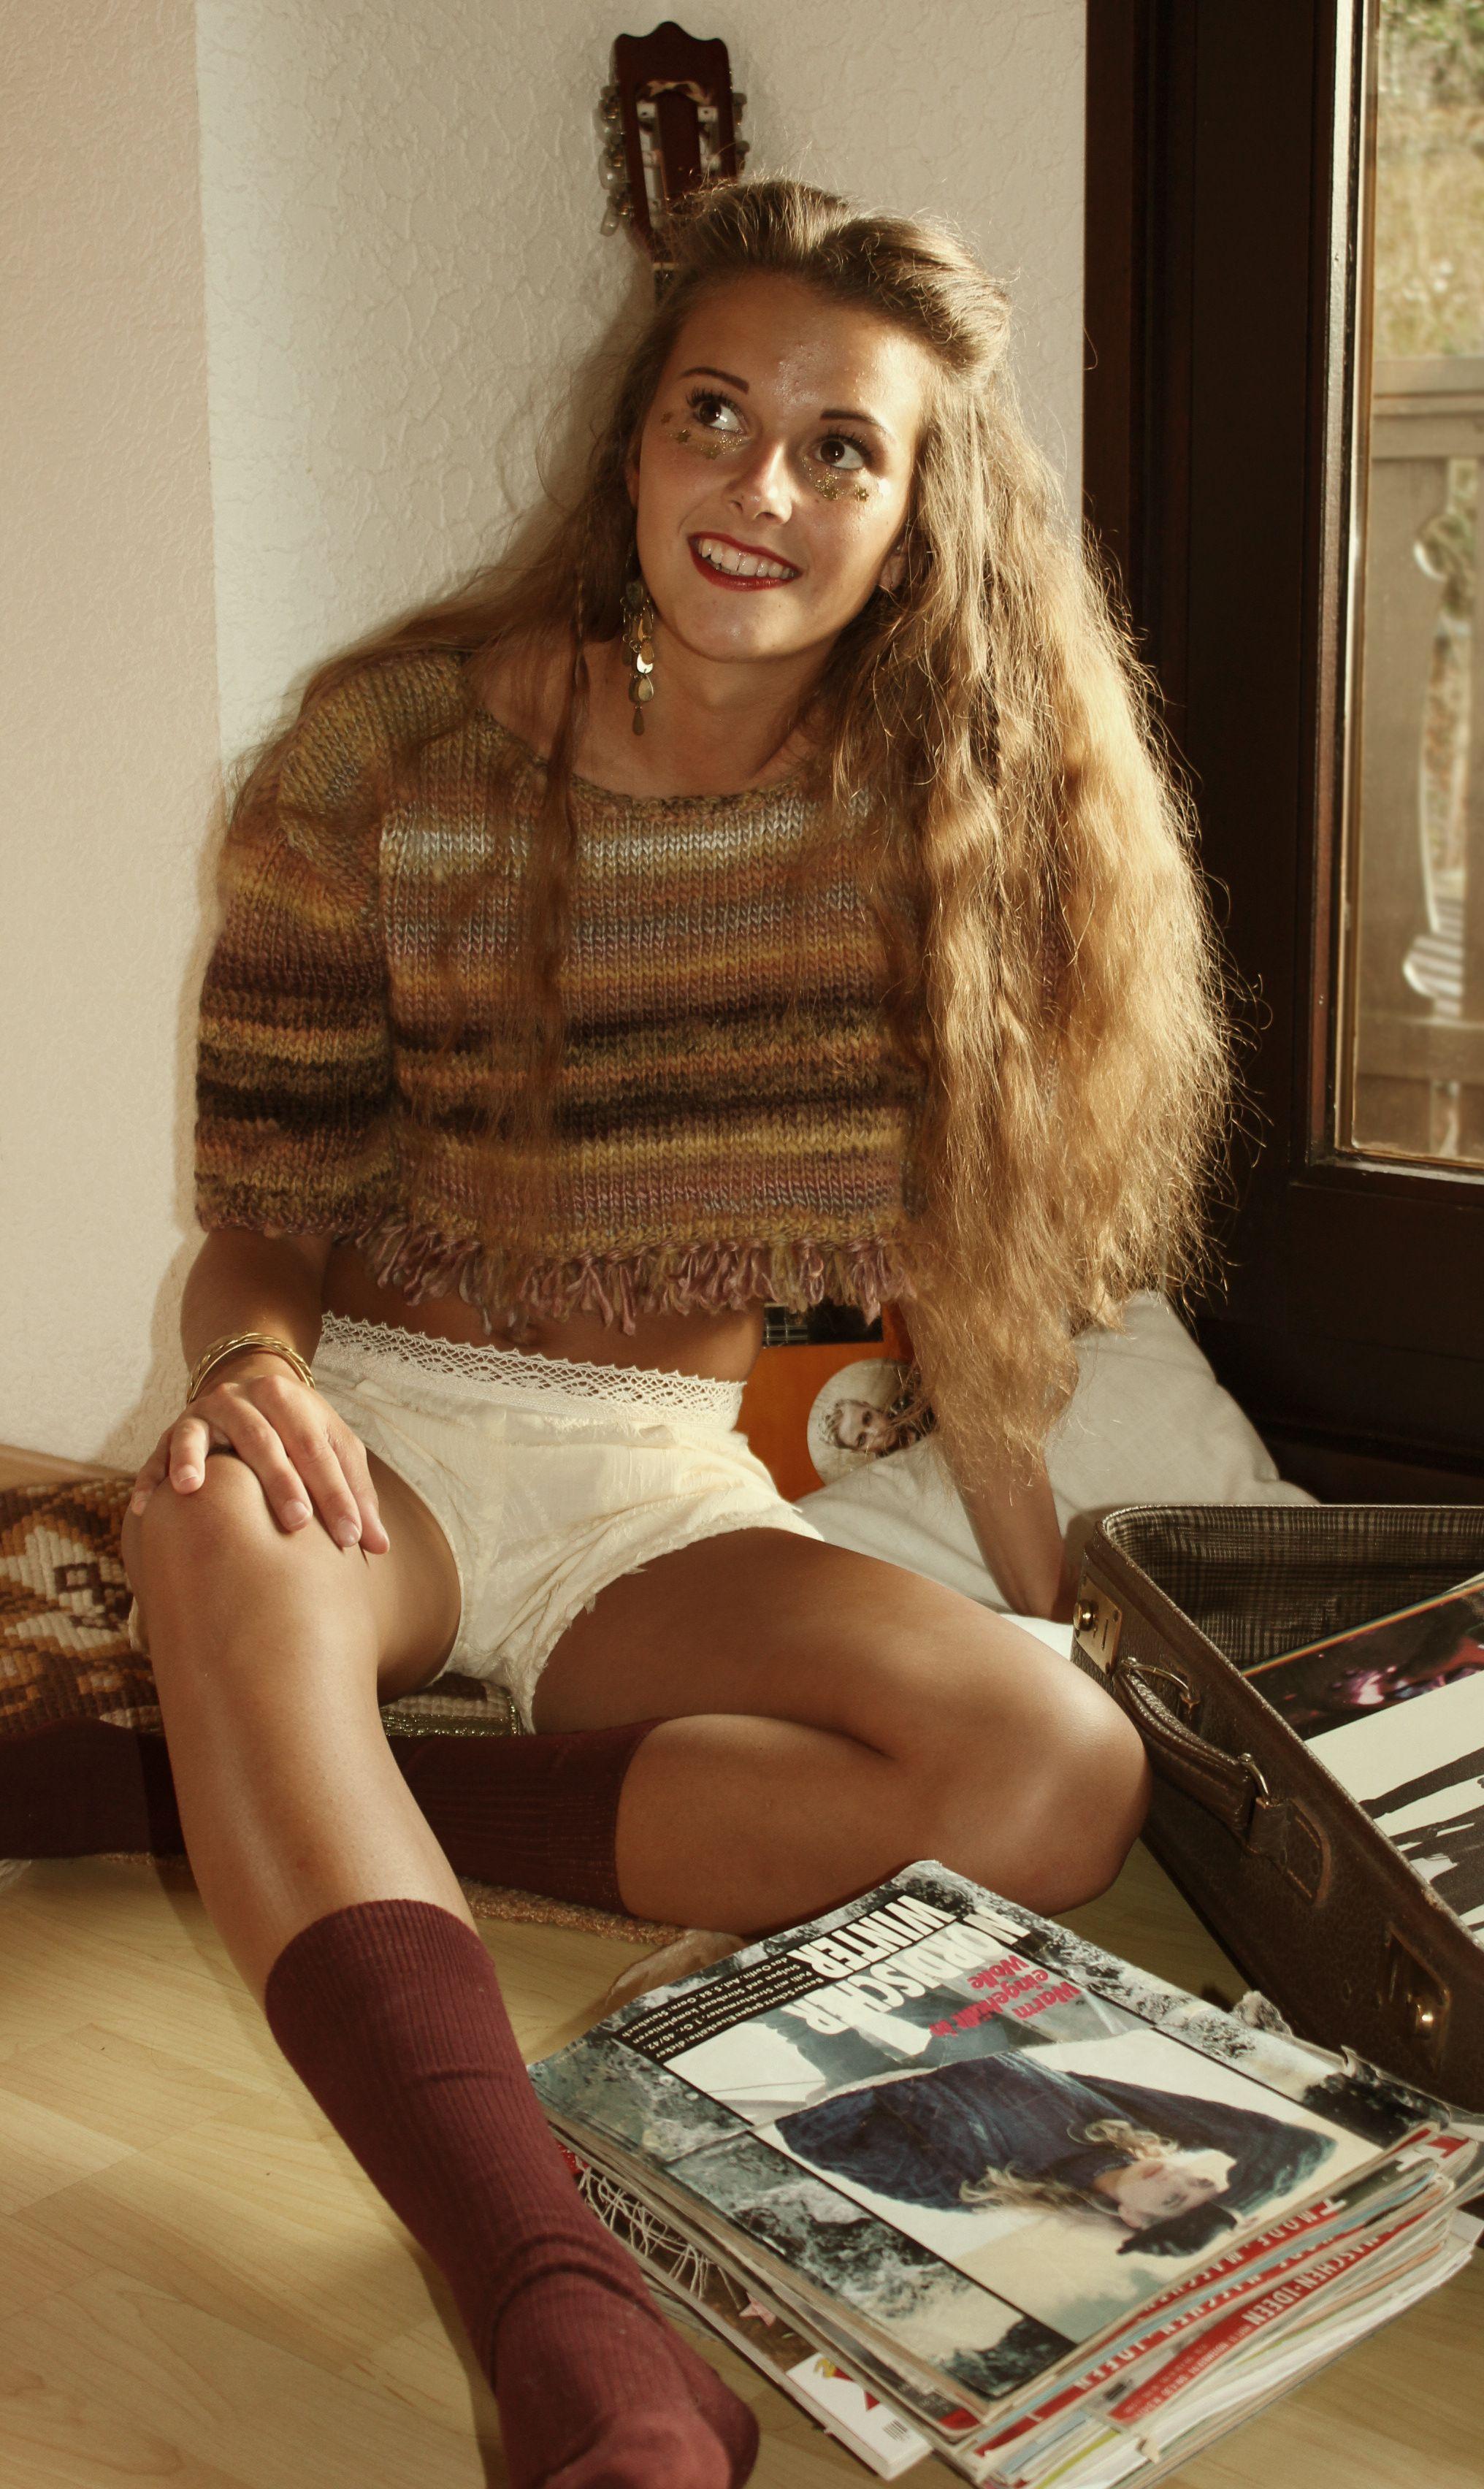 Free the Love #lissiebeth #70s #love #makelovenotwar